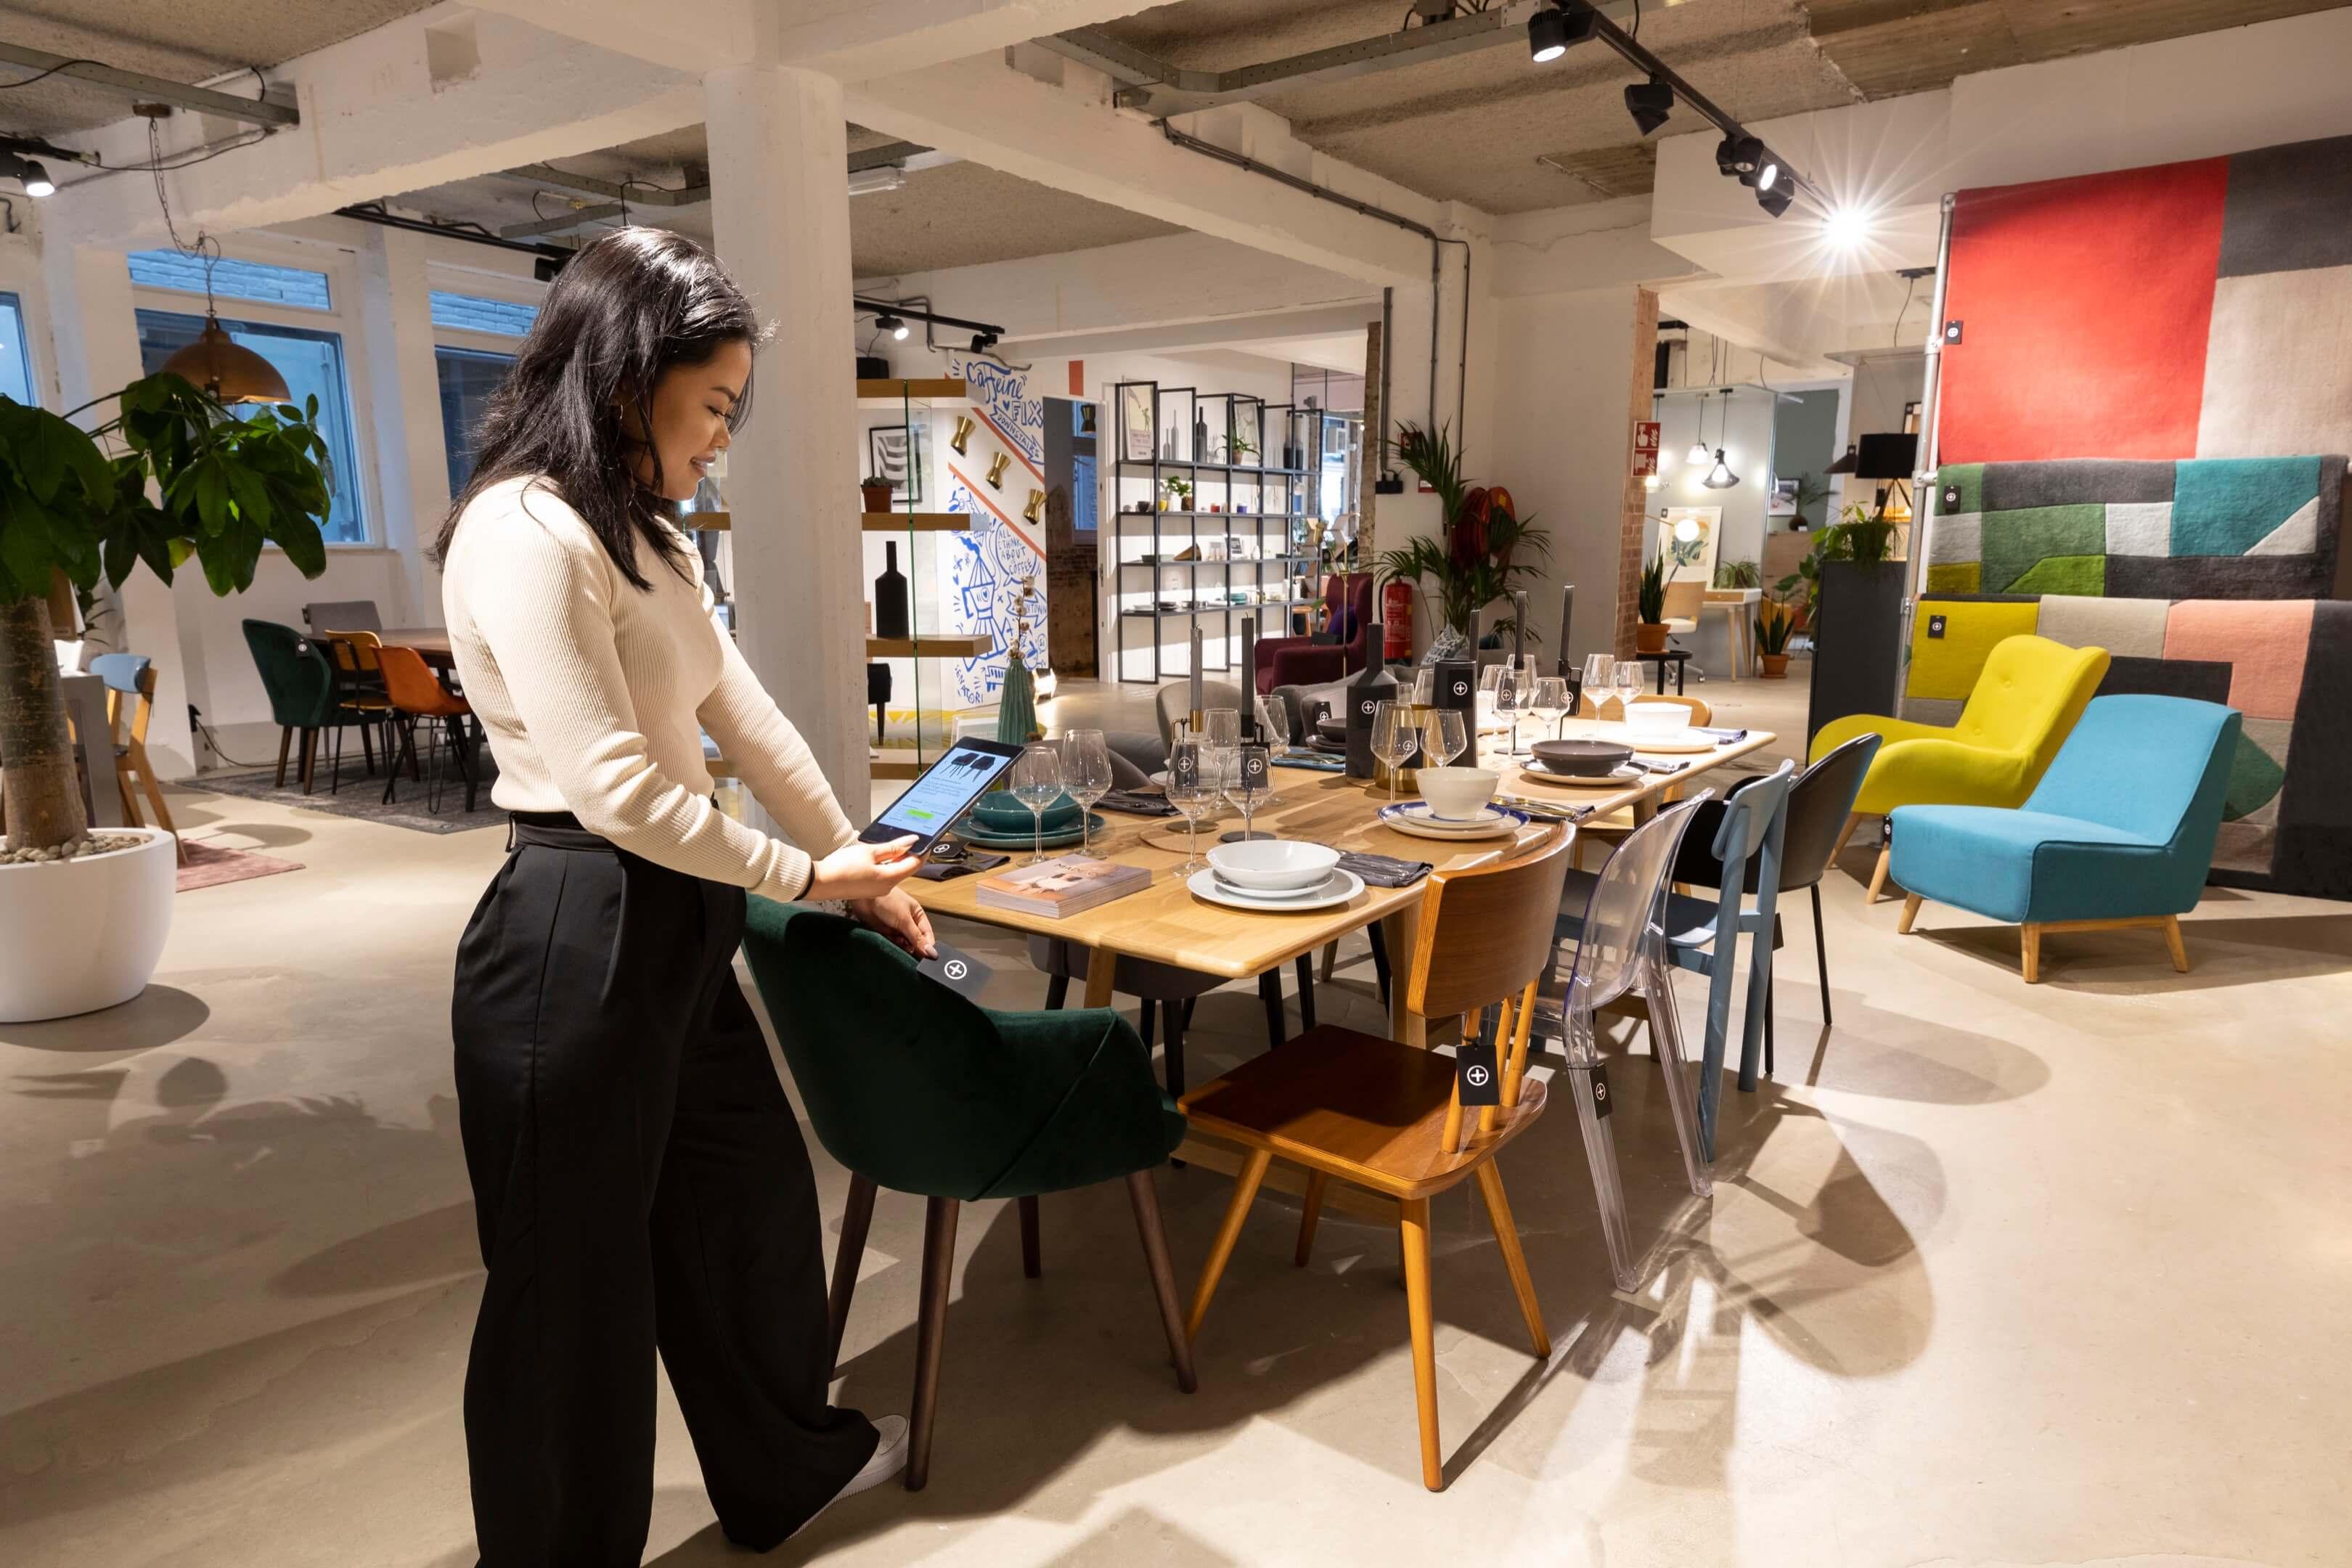 boek Circles of retail Boom beroepsonderwijs Sarphati Jurjen Poeles fotografie reportage retailconcept winkel shopping winkelen made Amsterdam